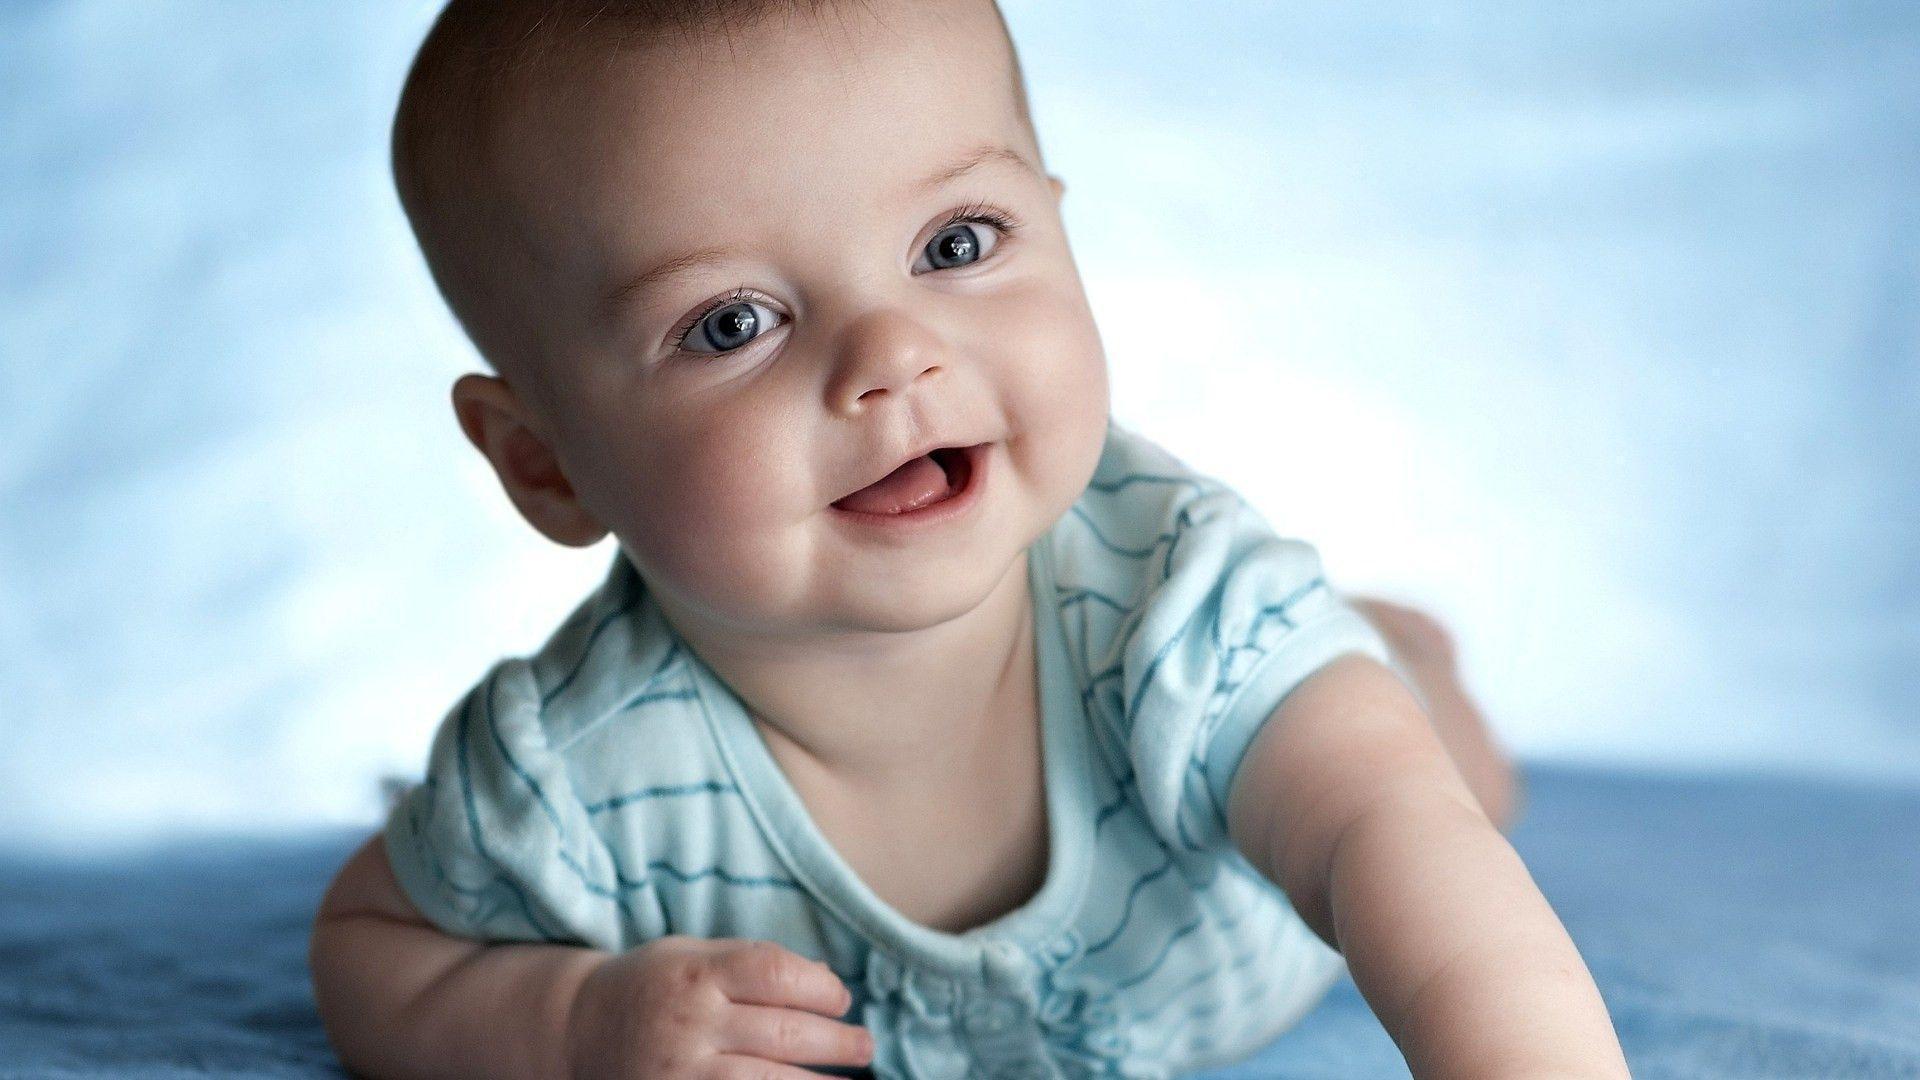 Cute boy hd wallpaper - Cute Boy Hd Wallpapers Hd Wallpapers Inn